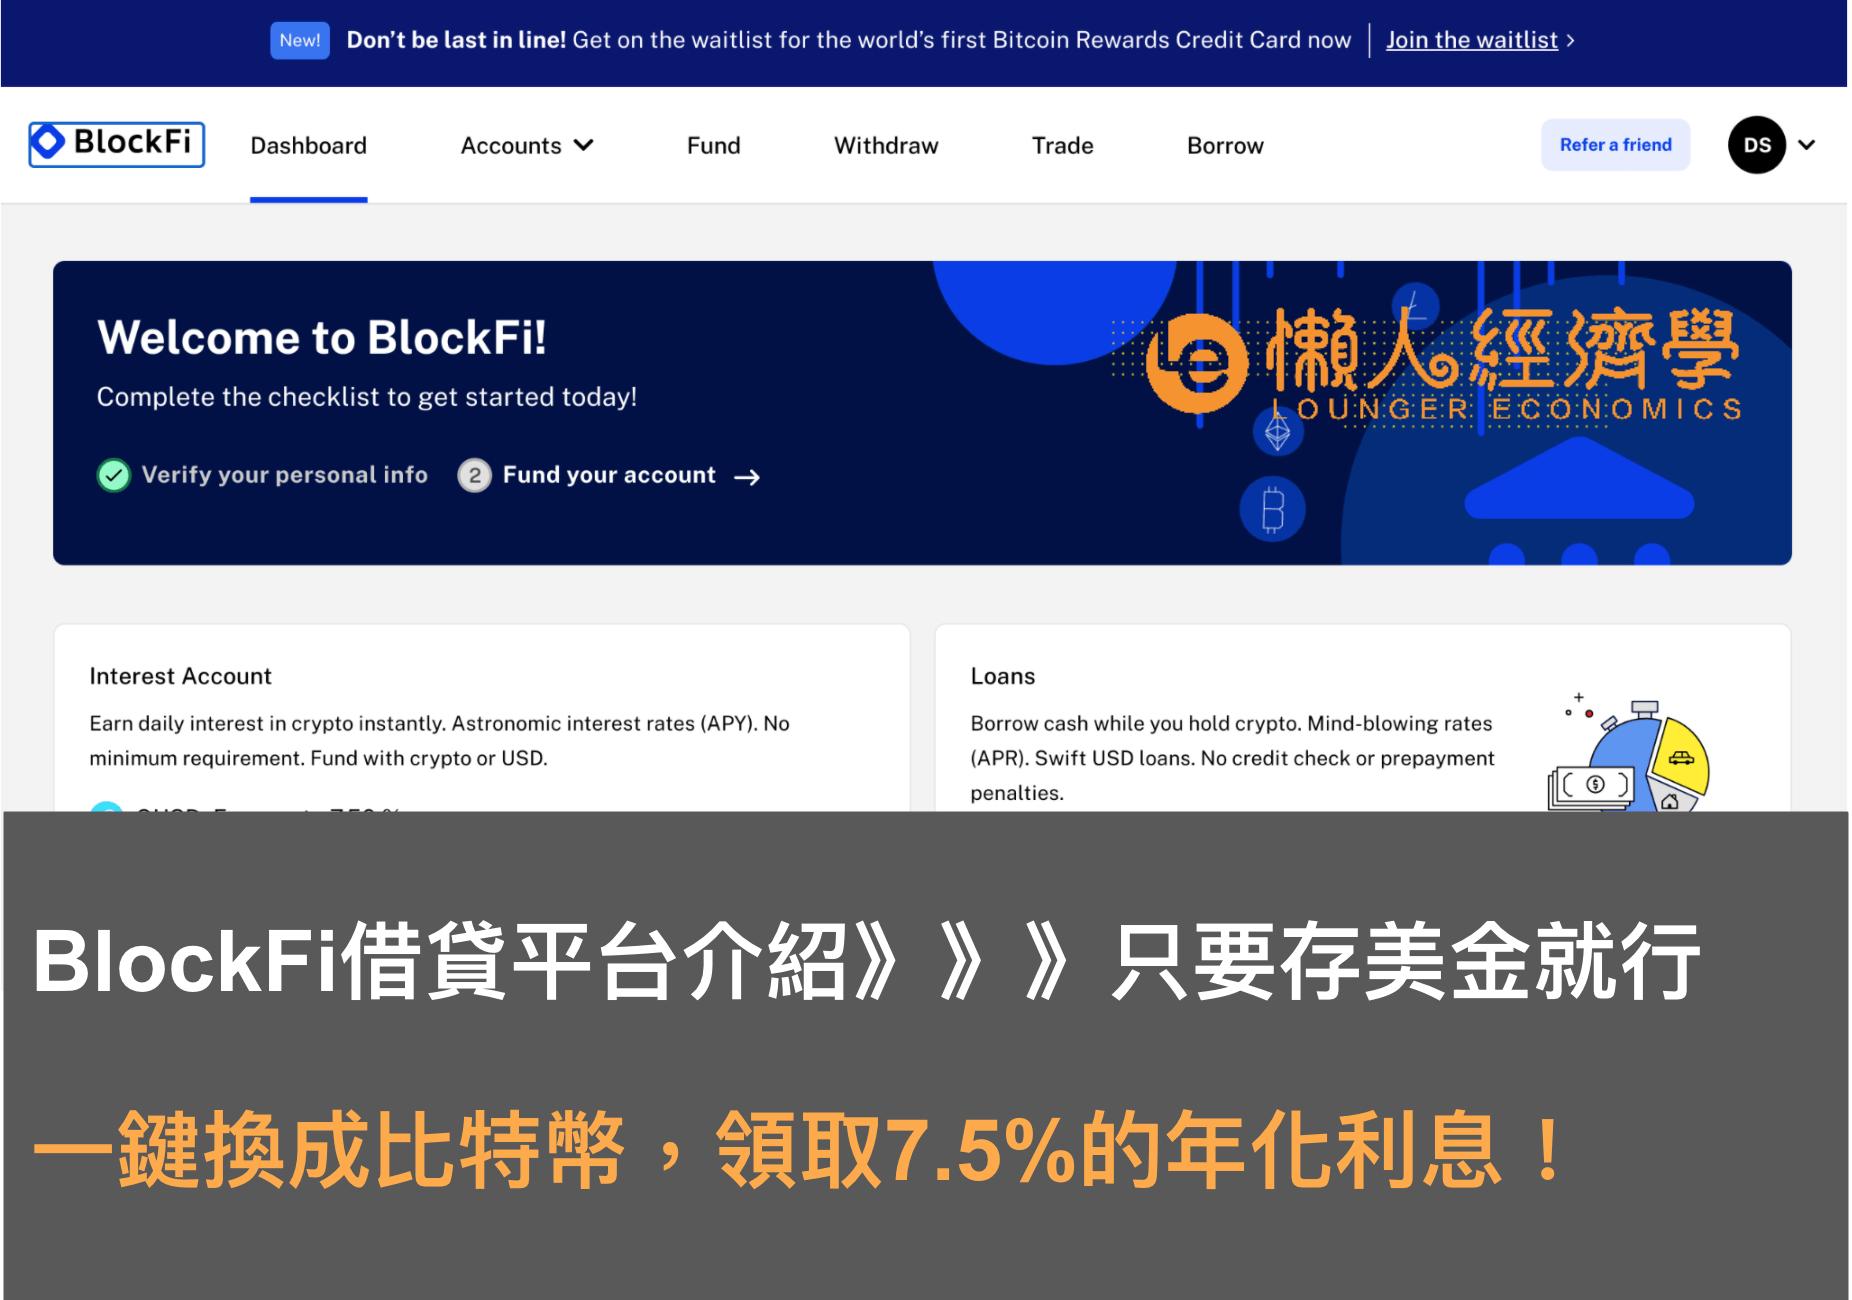 BlockFi借貸平台介紹:幣圈理財工具,低風險領取7.5%的年化利息!